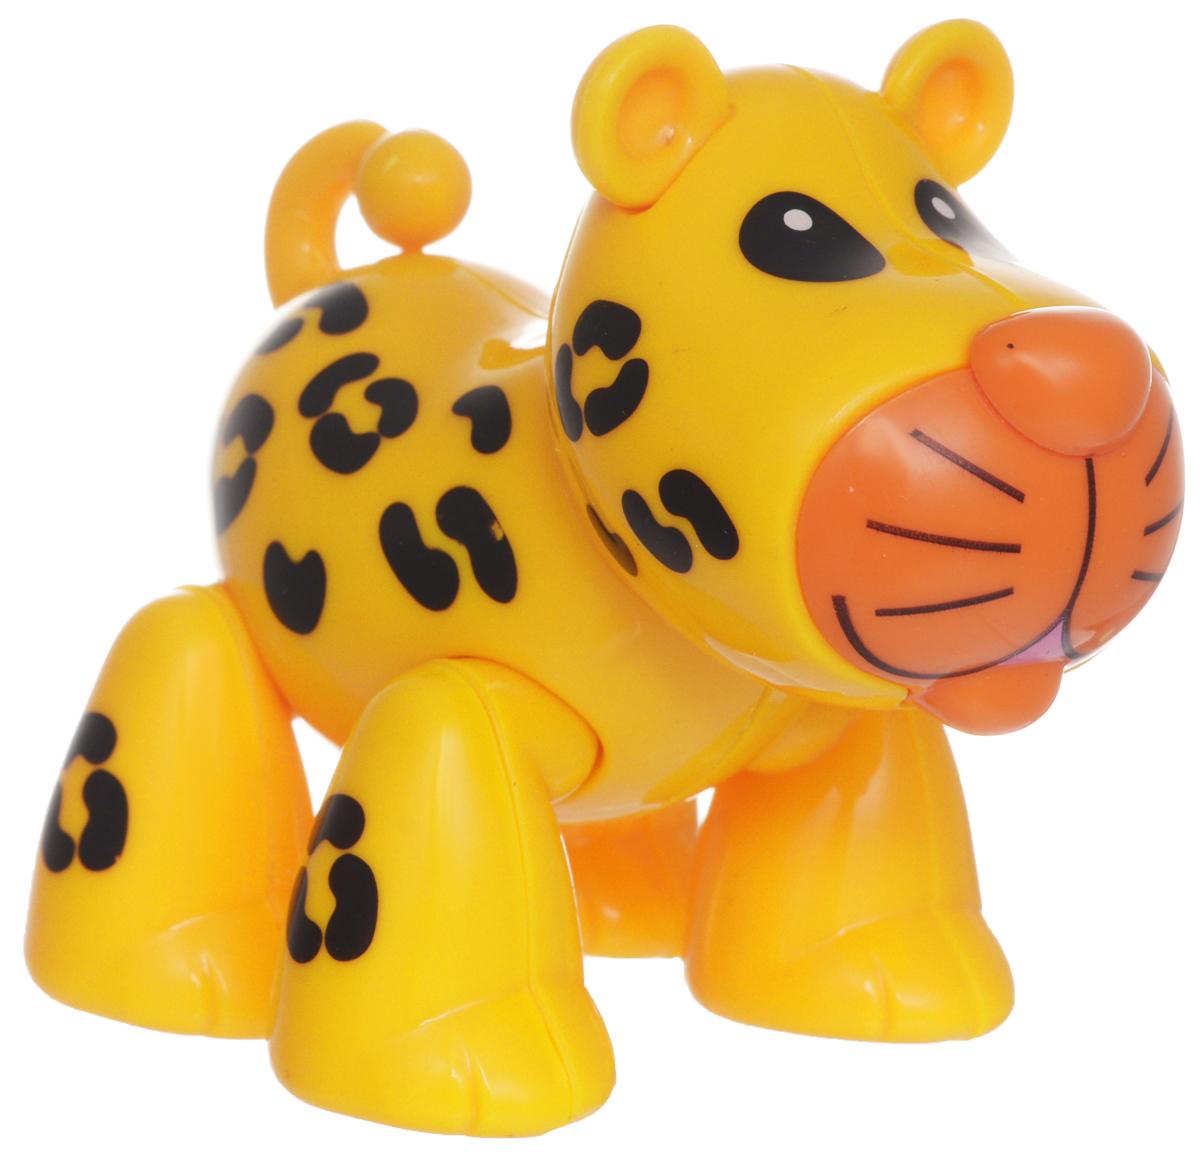 1TOY Фигурка В мире животных ЛеопардТ57440Фигурка В мире животных. Леопард, выполненная из яркой пластмассы в виде симпатичного желтого с черными пятнышками леопарда, непременно придется по душе вашему малышу. Забавная фигурка имеет подвижные лапы, хвост и шею. Если двигать частями тела животного, то будут слышны негромкие щелкающие звуки. Фигурка В мире животных способствует развитию у ребенка цветового и звукового восприятия, мелкой моторики рук, хватательного рефлекса, осязания, координации движений и изучению живого мира нашей планеты. Отлично подходит для сюжетно-ролевых игр, которые способствуют развитию памяти и воображения у малыша.